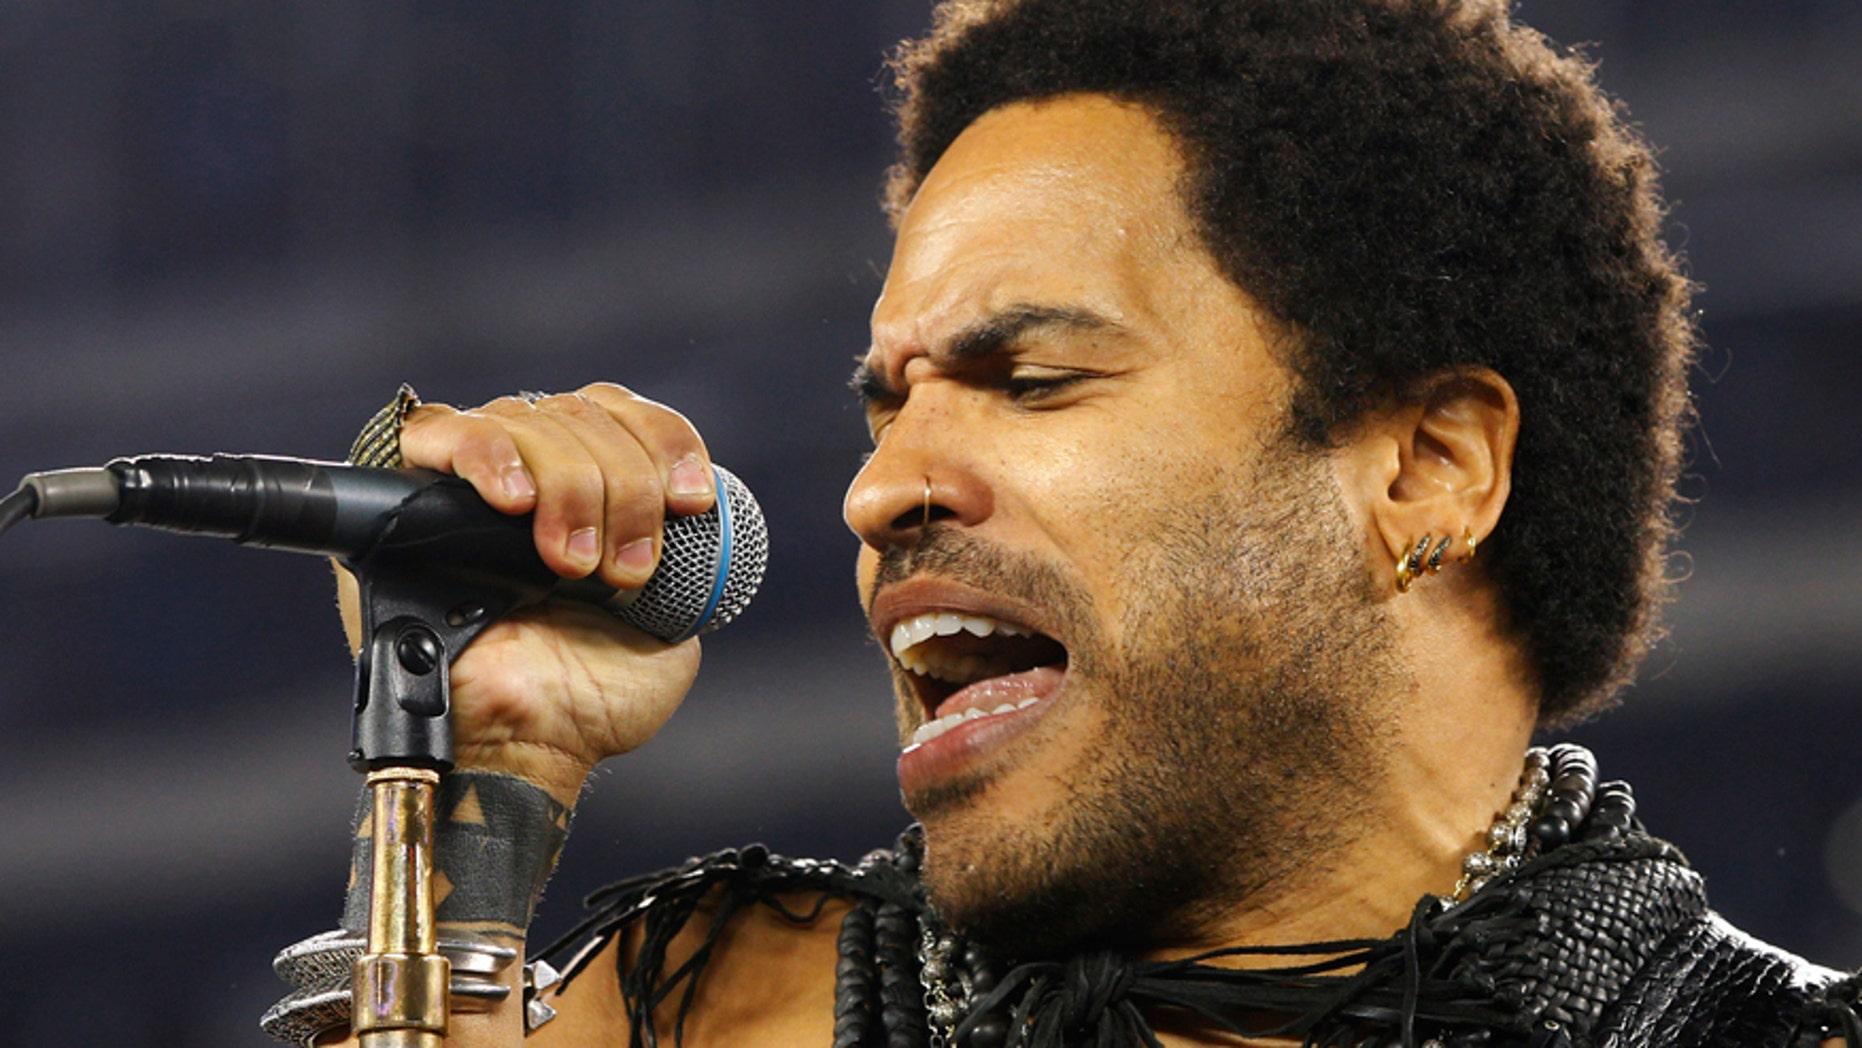 Singer Lenny Kravitz performs.